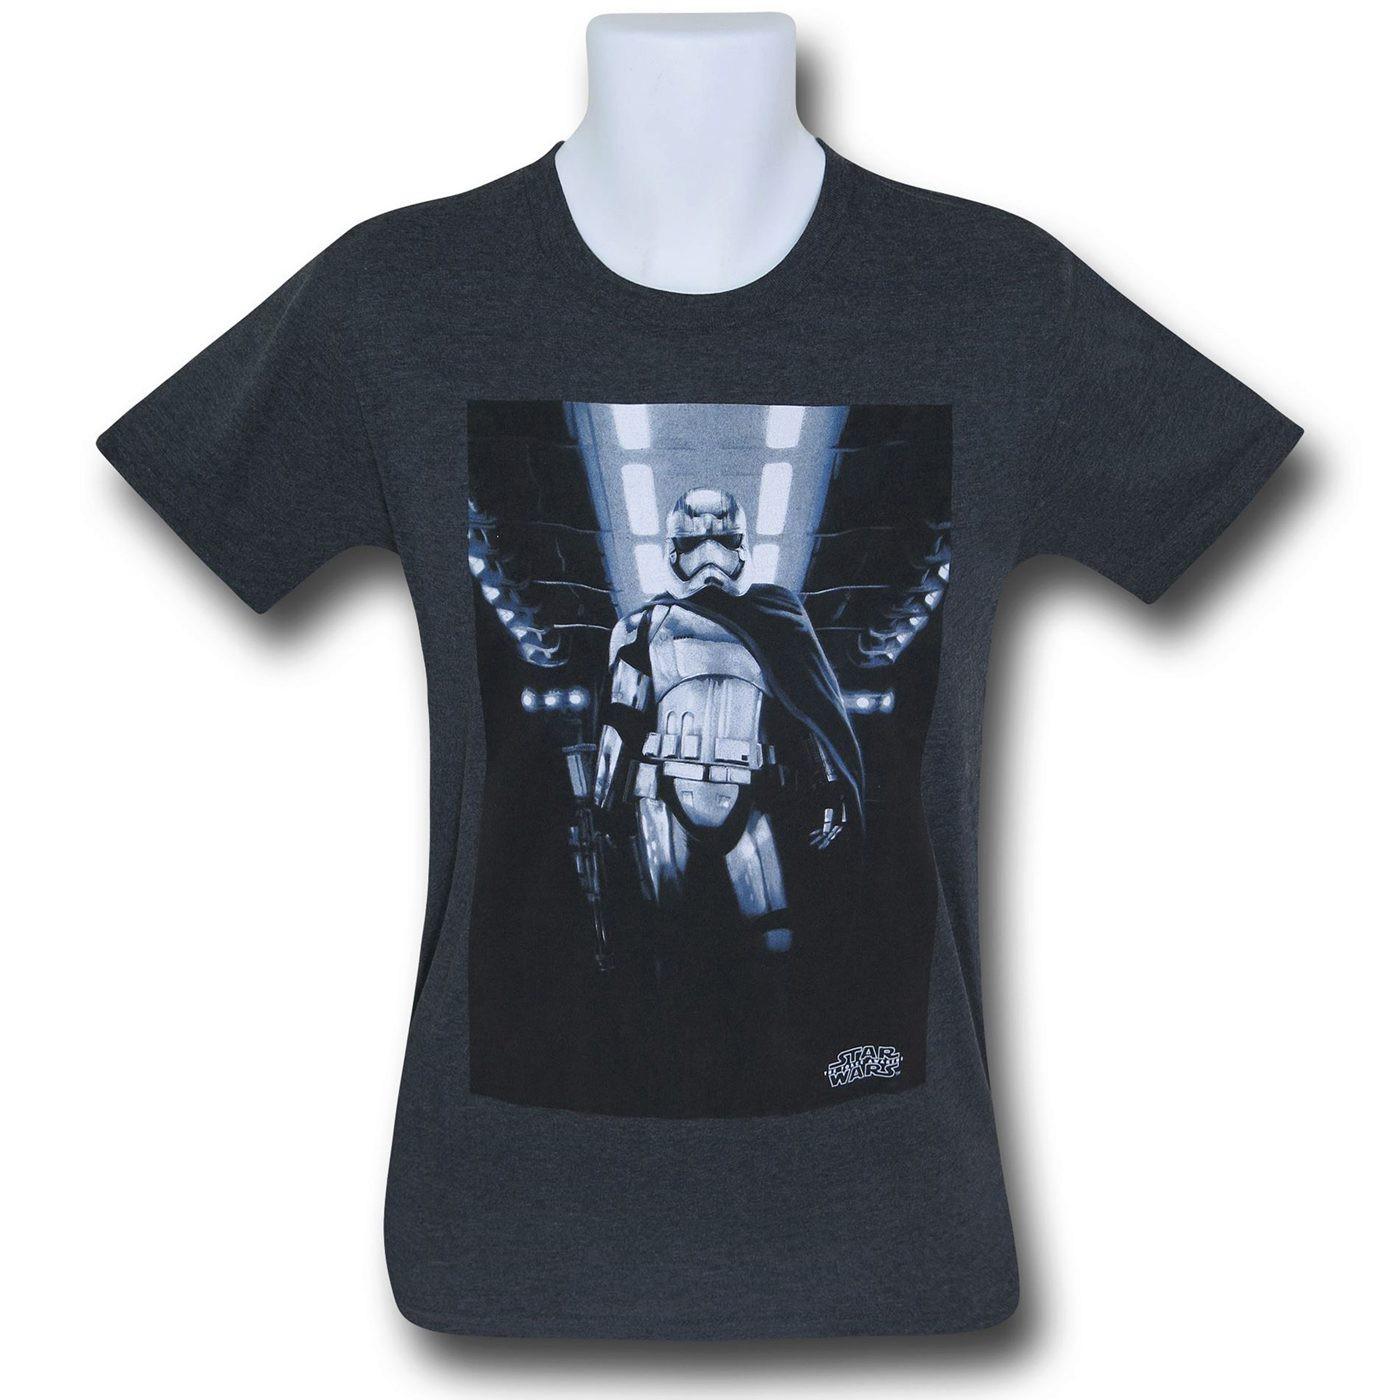 Star Wars Force Awakens Captain Phasma T-Shirt